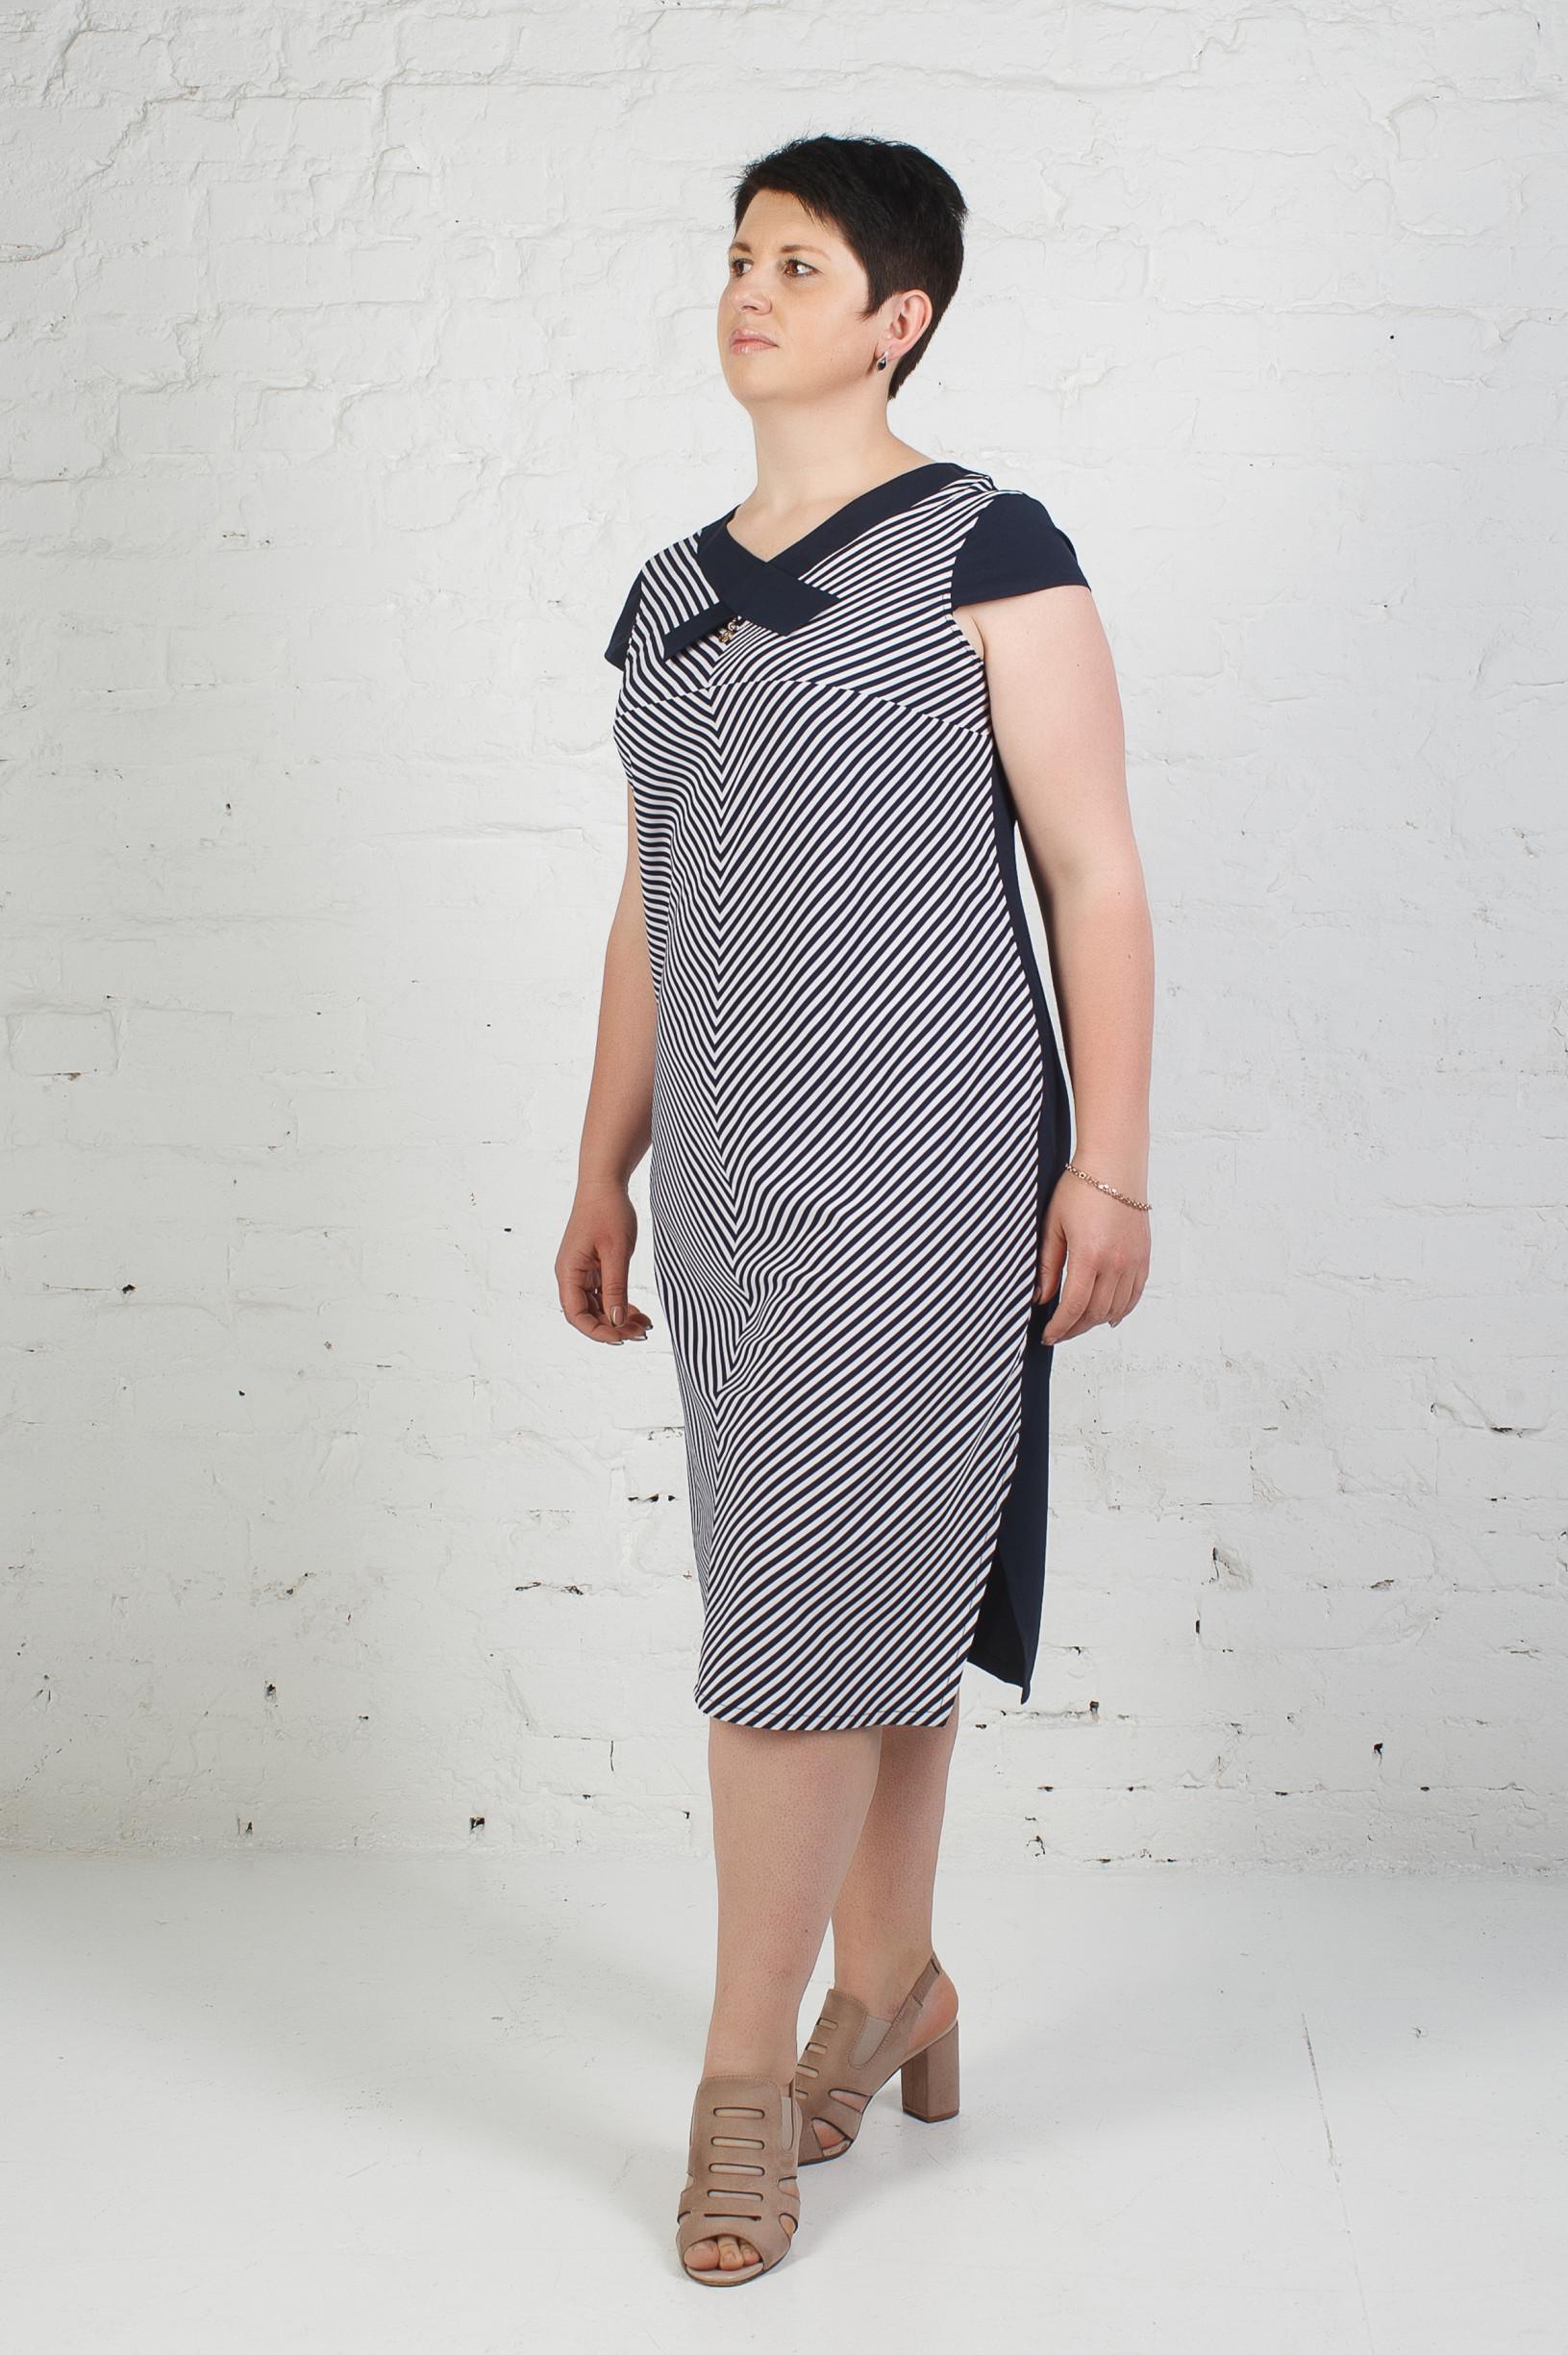 Стильное платье п-772 сине-белая полоска